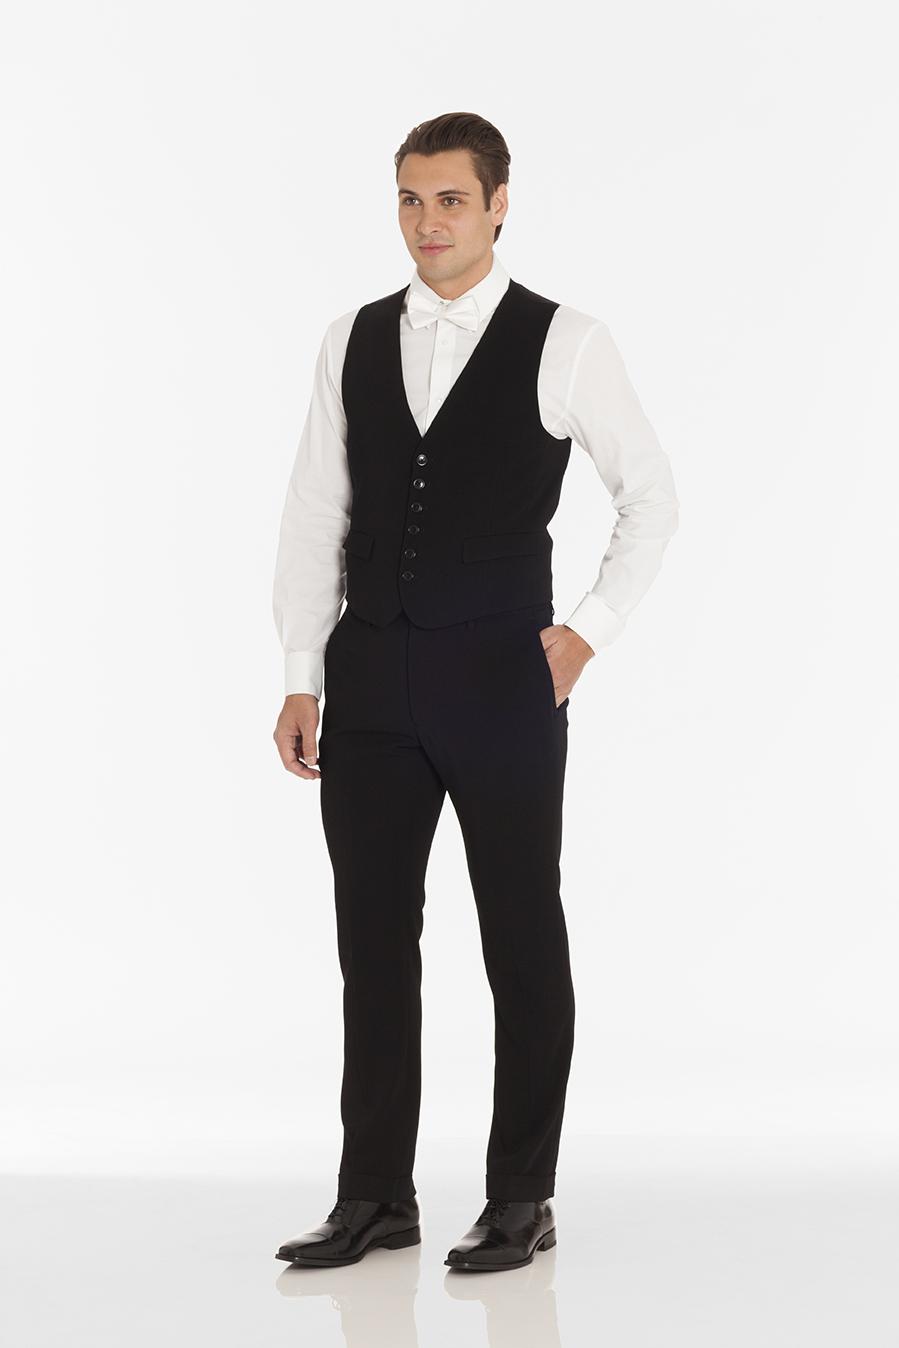 Vest 1211 Shirt 1000FC Pant 214 Bow Tie 1431